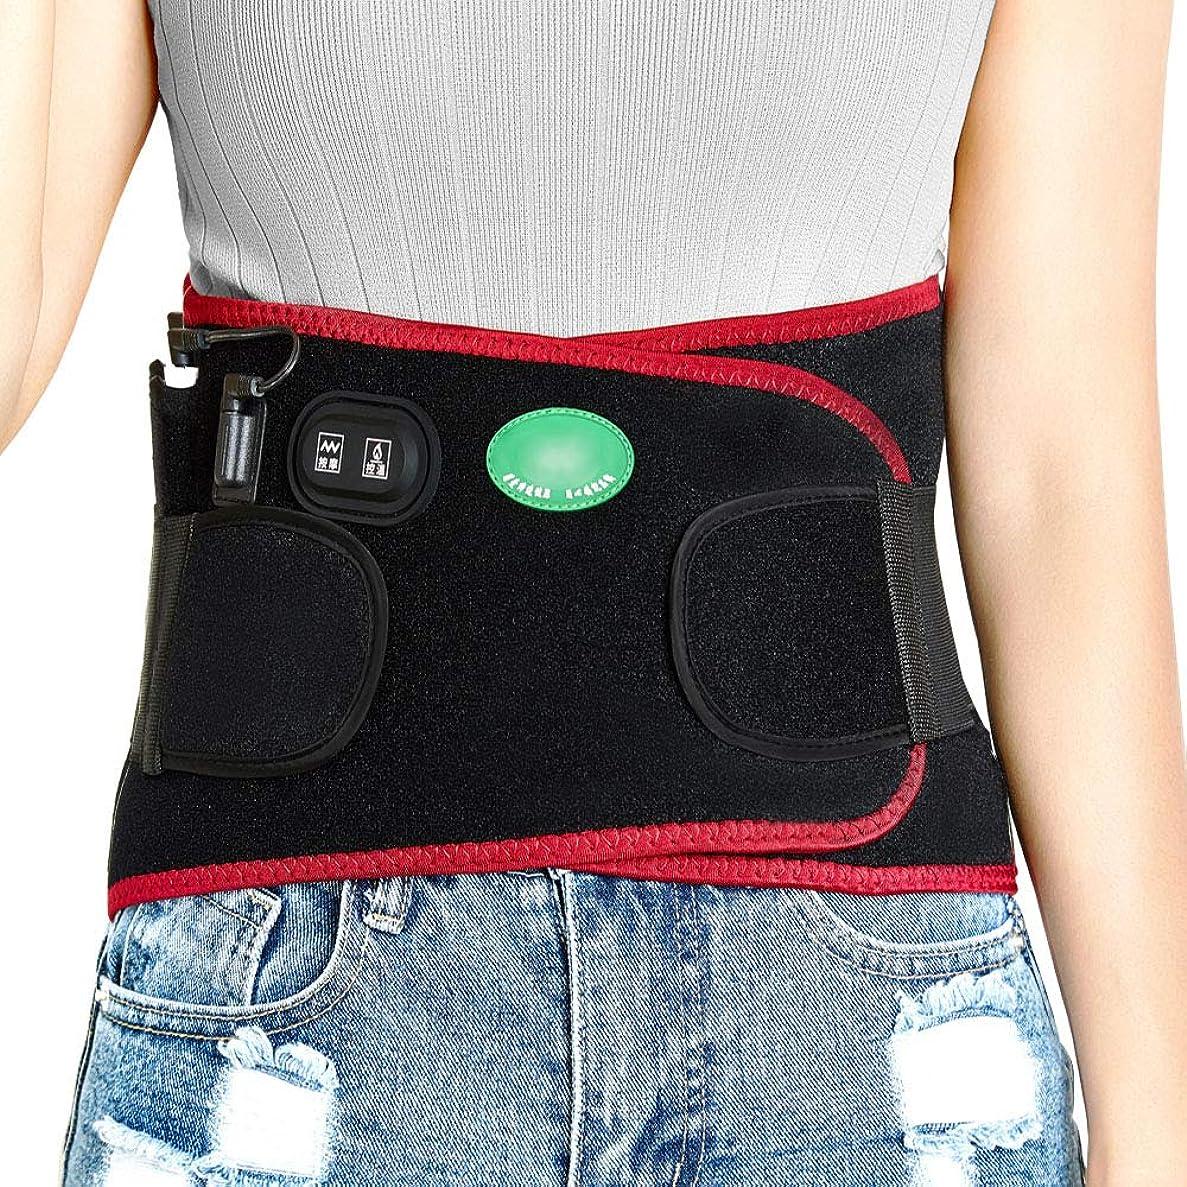 忠実脅かす明示的に腰用温熱ベルト 腰を支える 腰間盤際立っている 遠赤外線 腰椎の痛み緩和 3段階温度調節 充電式マッサージ振動する労損 熱をつける男女